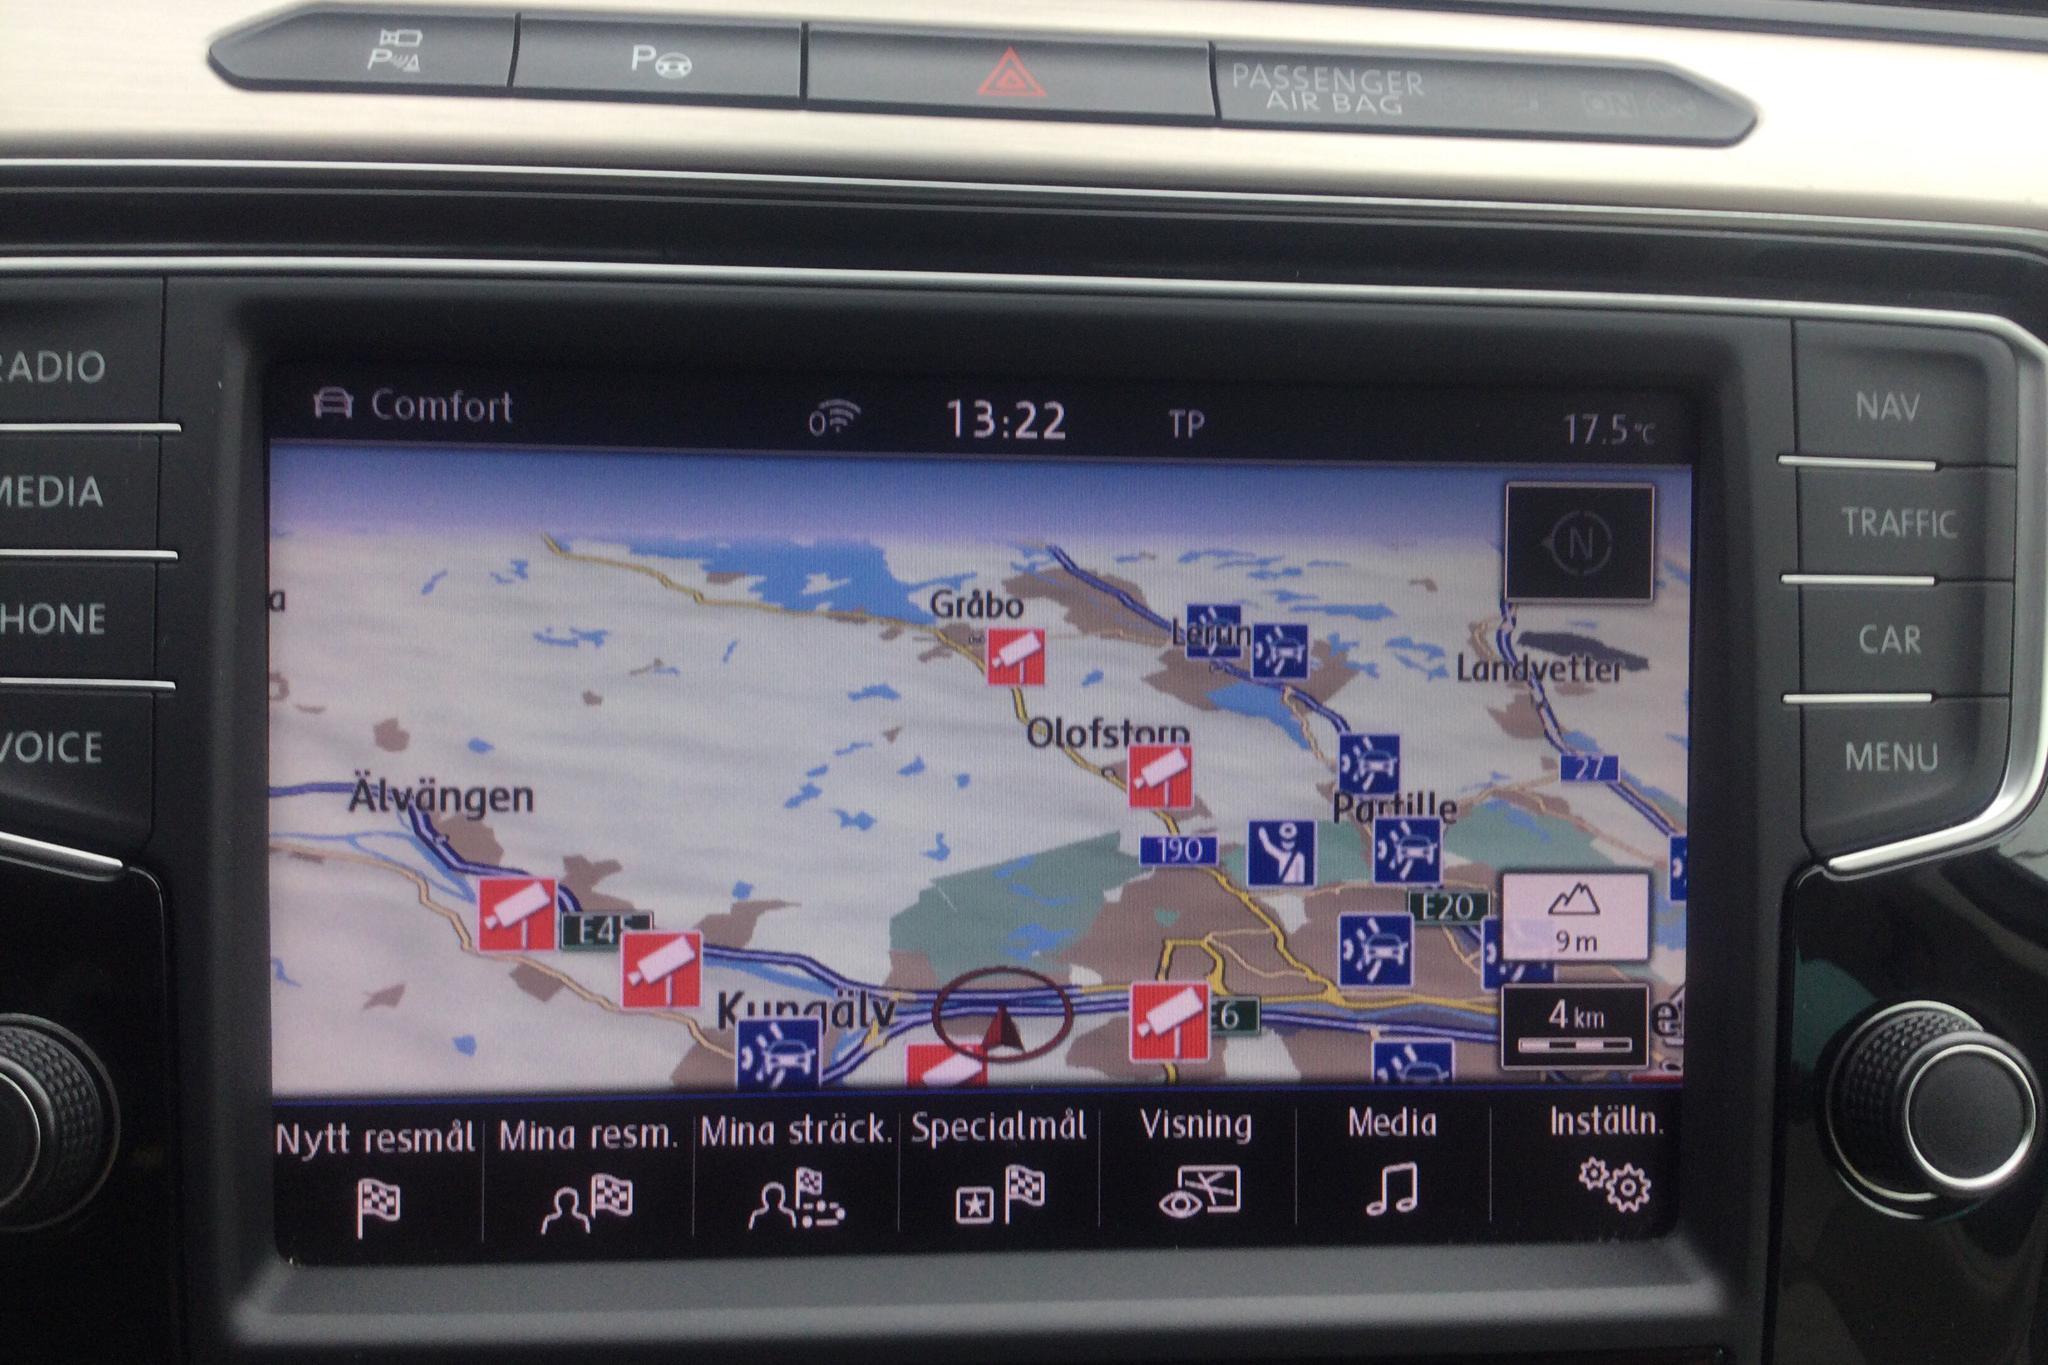 VW Passat 2.0 TDI BiTurbo 4MOTION (240hk) - 13 569 mil - Automat - vit - 2016